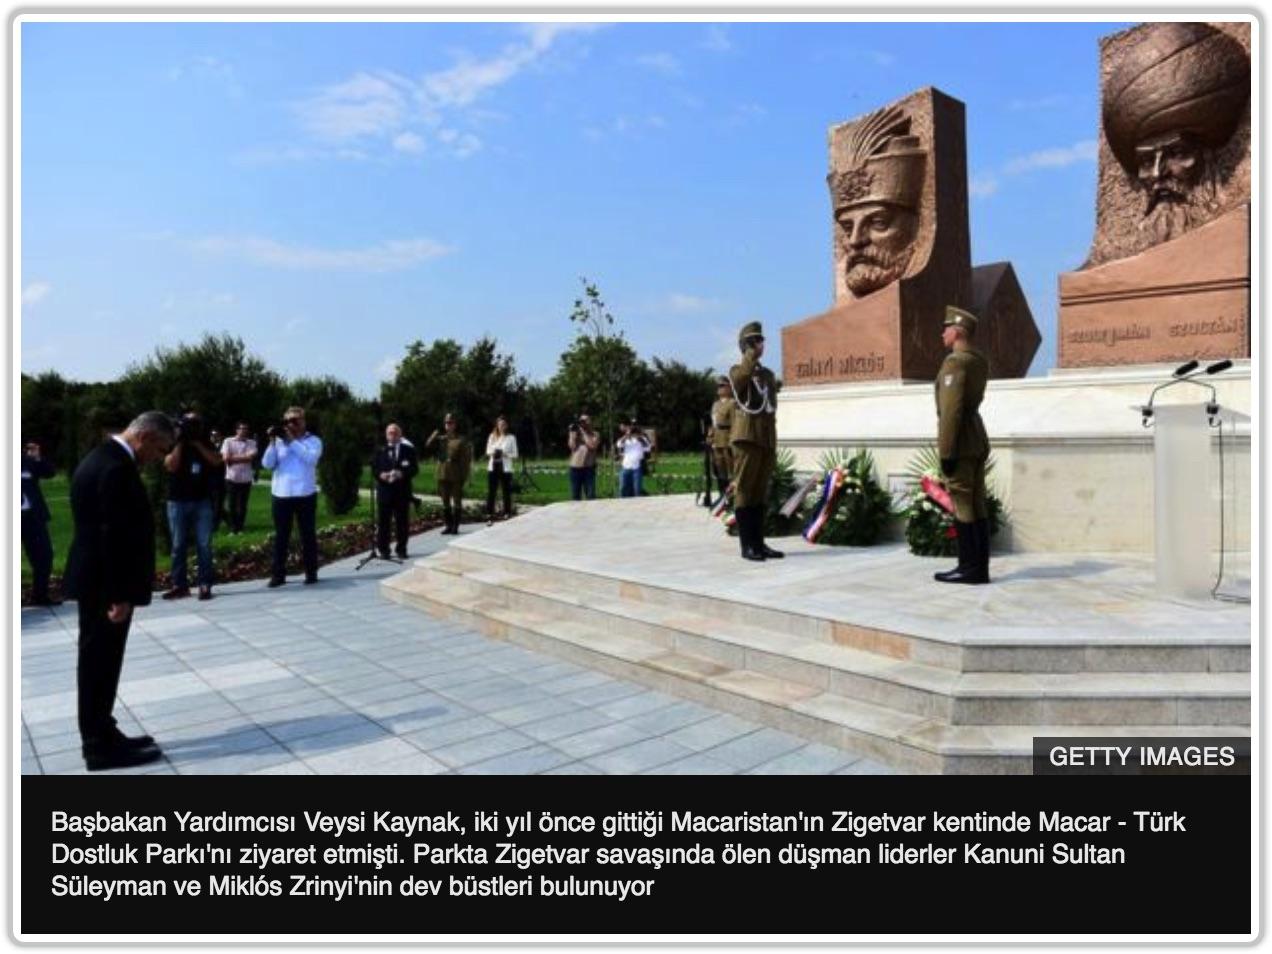 Moskovadaki Zafer Anıtı - çocuklar için atalarının kahramanlığı hakkında bir anı